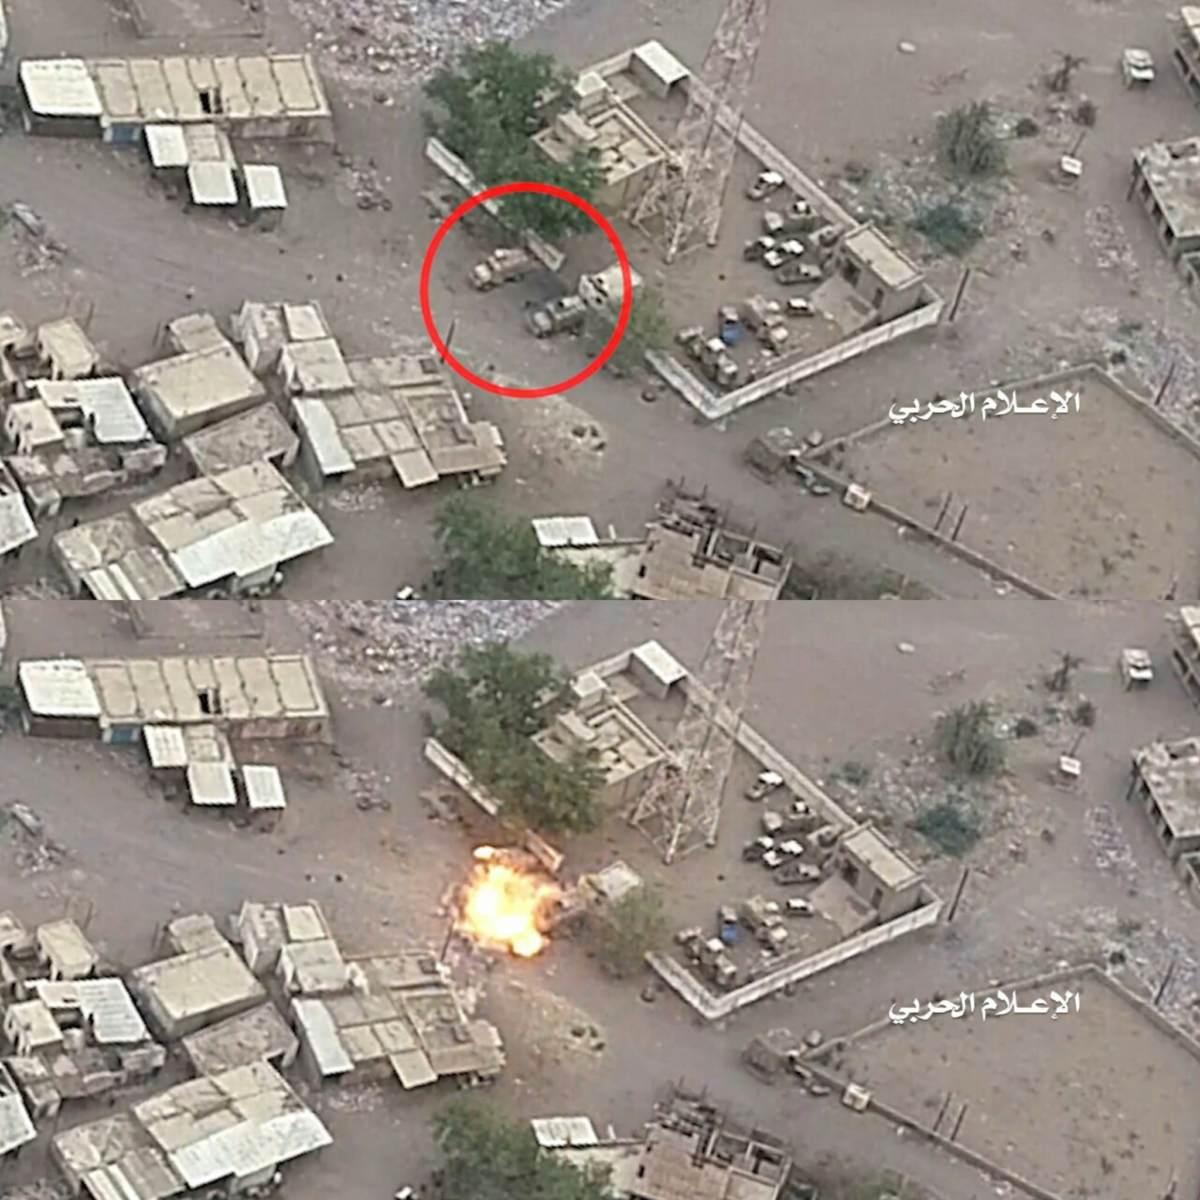 Расследование заявлений хуситов об атаках на аэропорты ОАЭ с помощью беспилотников